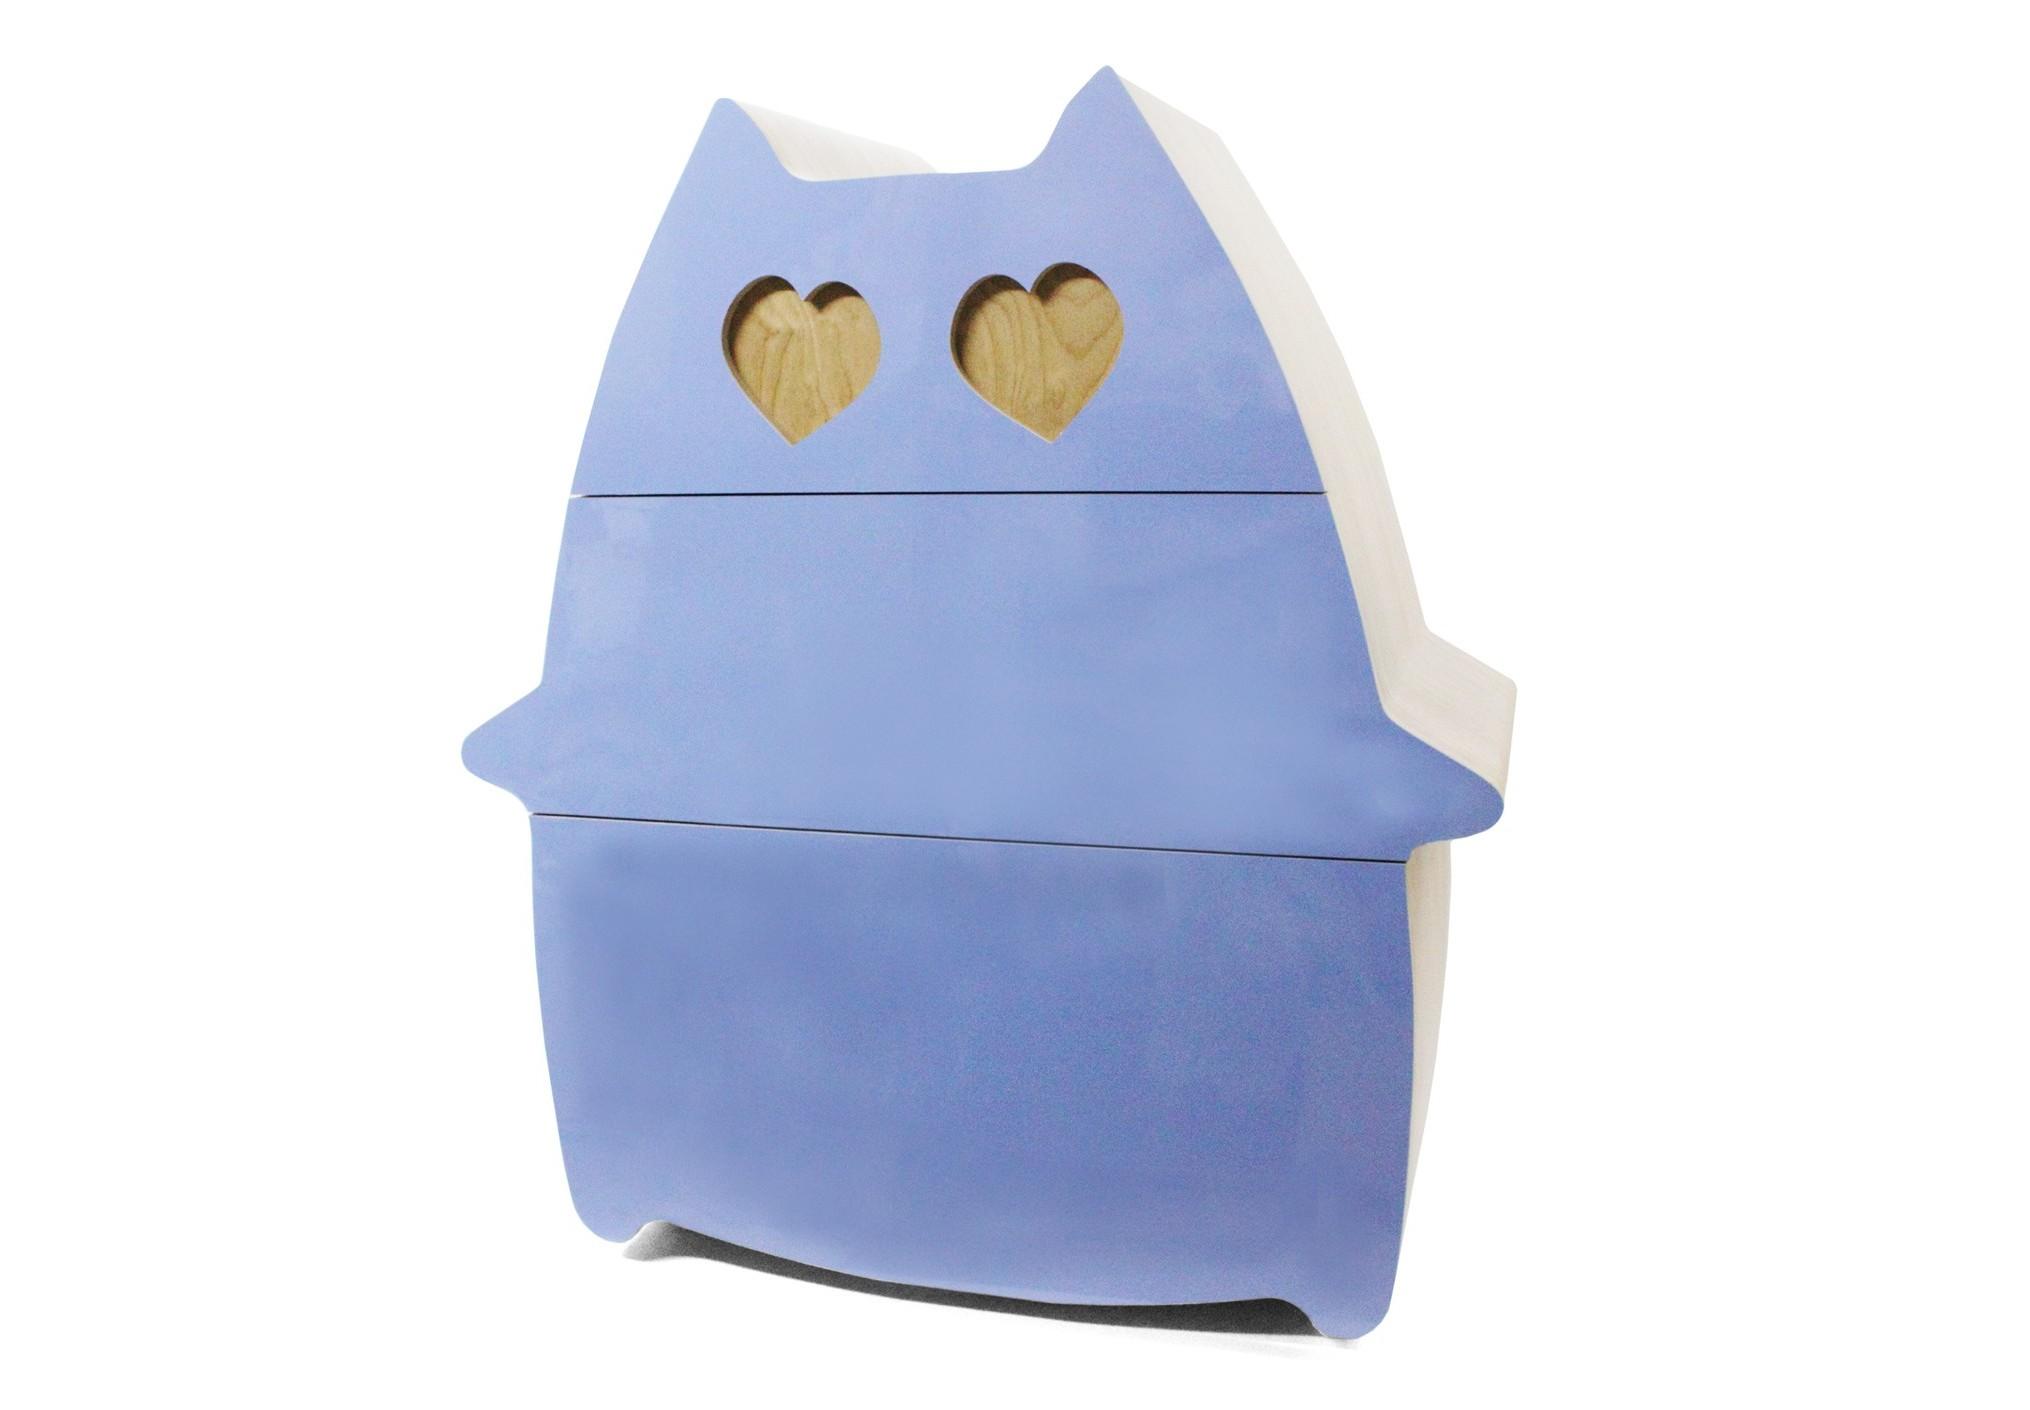 Комод Сat in love - обнимунИнтерьерные комоды<br>Прелестный комод с ящиками, которые выдвигаются при легком прикосновении руки. Обязательно создаст приятное и свежее настроение в спальне или детской комнате.&amp;amp;nbsp;&amp;lt;div&amp;gt;&amp;lt;br&amp;gt;&amp;lt;/div&amp;gt;&amp;lt;div&amp;gt;&amp;lt;div&amp;gt;Комод CAT IN LOVE - ОБНИМУН, в противовес своему ироничному, веселому внешнему виду, является технически очень сложным изделием, столяр, выполняющий работу над ним, должен иметь высочайшую квалификацию и большой опыт.&amp;lt;br&amp;gt;&amp;lt;/div&amp;gt;&amp;lt;/div&amp;gt;&amp;lt;div&amp;gt;&amp;lt;span style=&amp;quot;font-size: 14px;&amp;quot;&amp;gt;&amp;lt;br&amp;gt;&amp;lt;/span&amp;gt;&amp;lt;/div&amp;gt;&amp;lt;div&amp;gt;&amp;lt;div&amp;gt;Возможные размеры: глубина 385/470 мм.&amp;lt;/div&amp;gt;&amp;lt;div&amp;gt;Материал: березовая фанера.&amp;lt;/div&amp;gt;&amp;lt;/div&amp;gt;<br><br>Material: Фанера<br>Ширина см: 92<br>Высота см: 100<br>Глубина см: 38